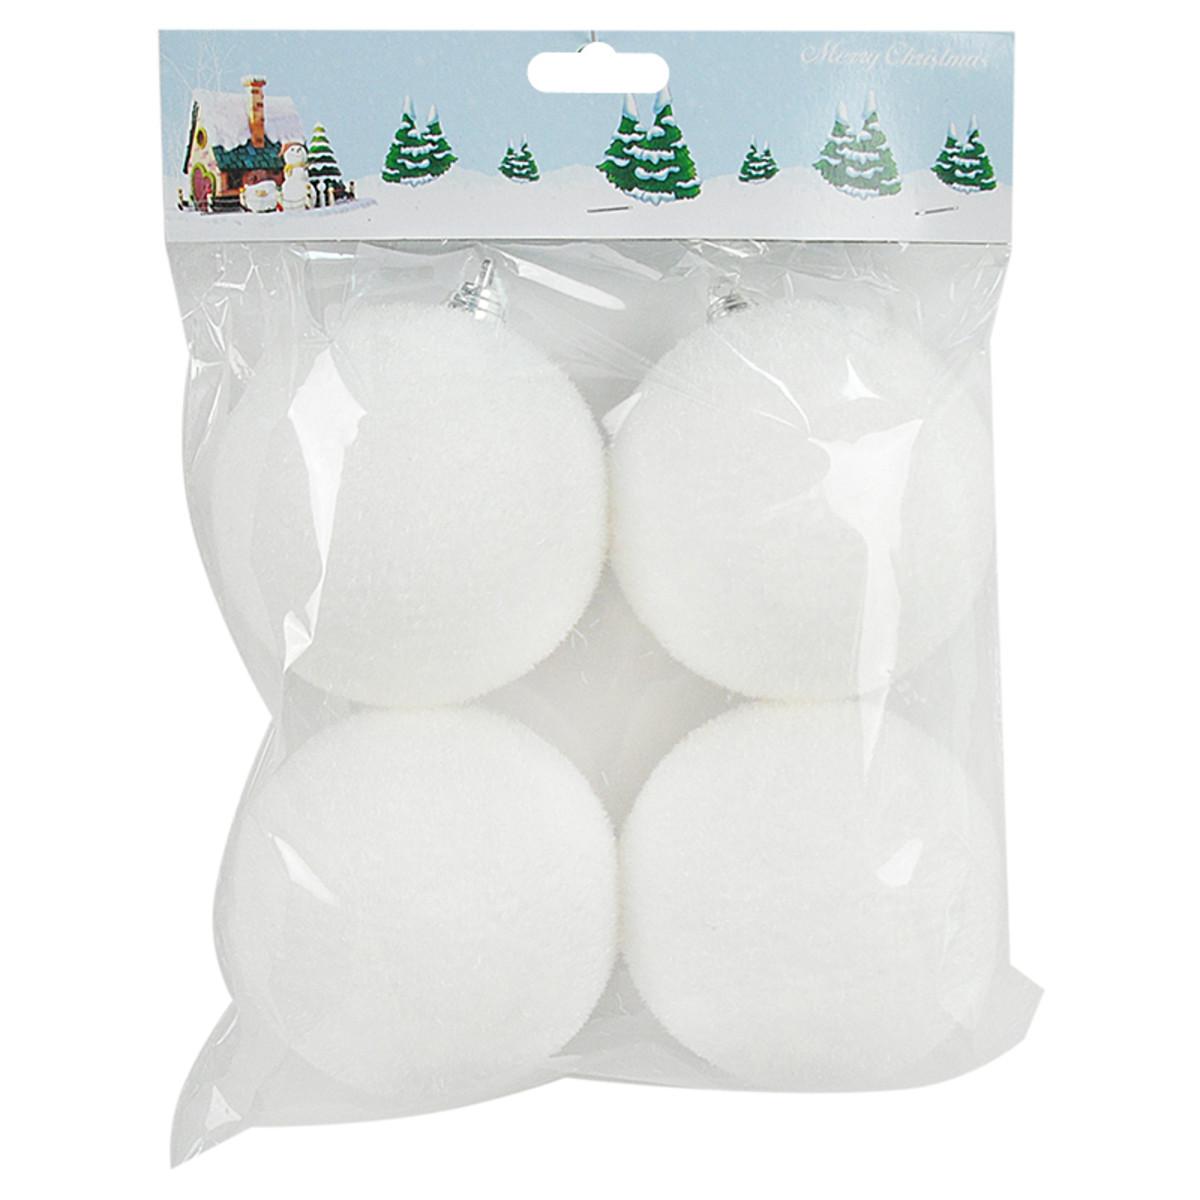 Набор елочных украшений Пушистые шар елочный 8 см цвет белый 4 шт.